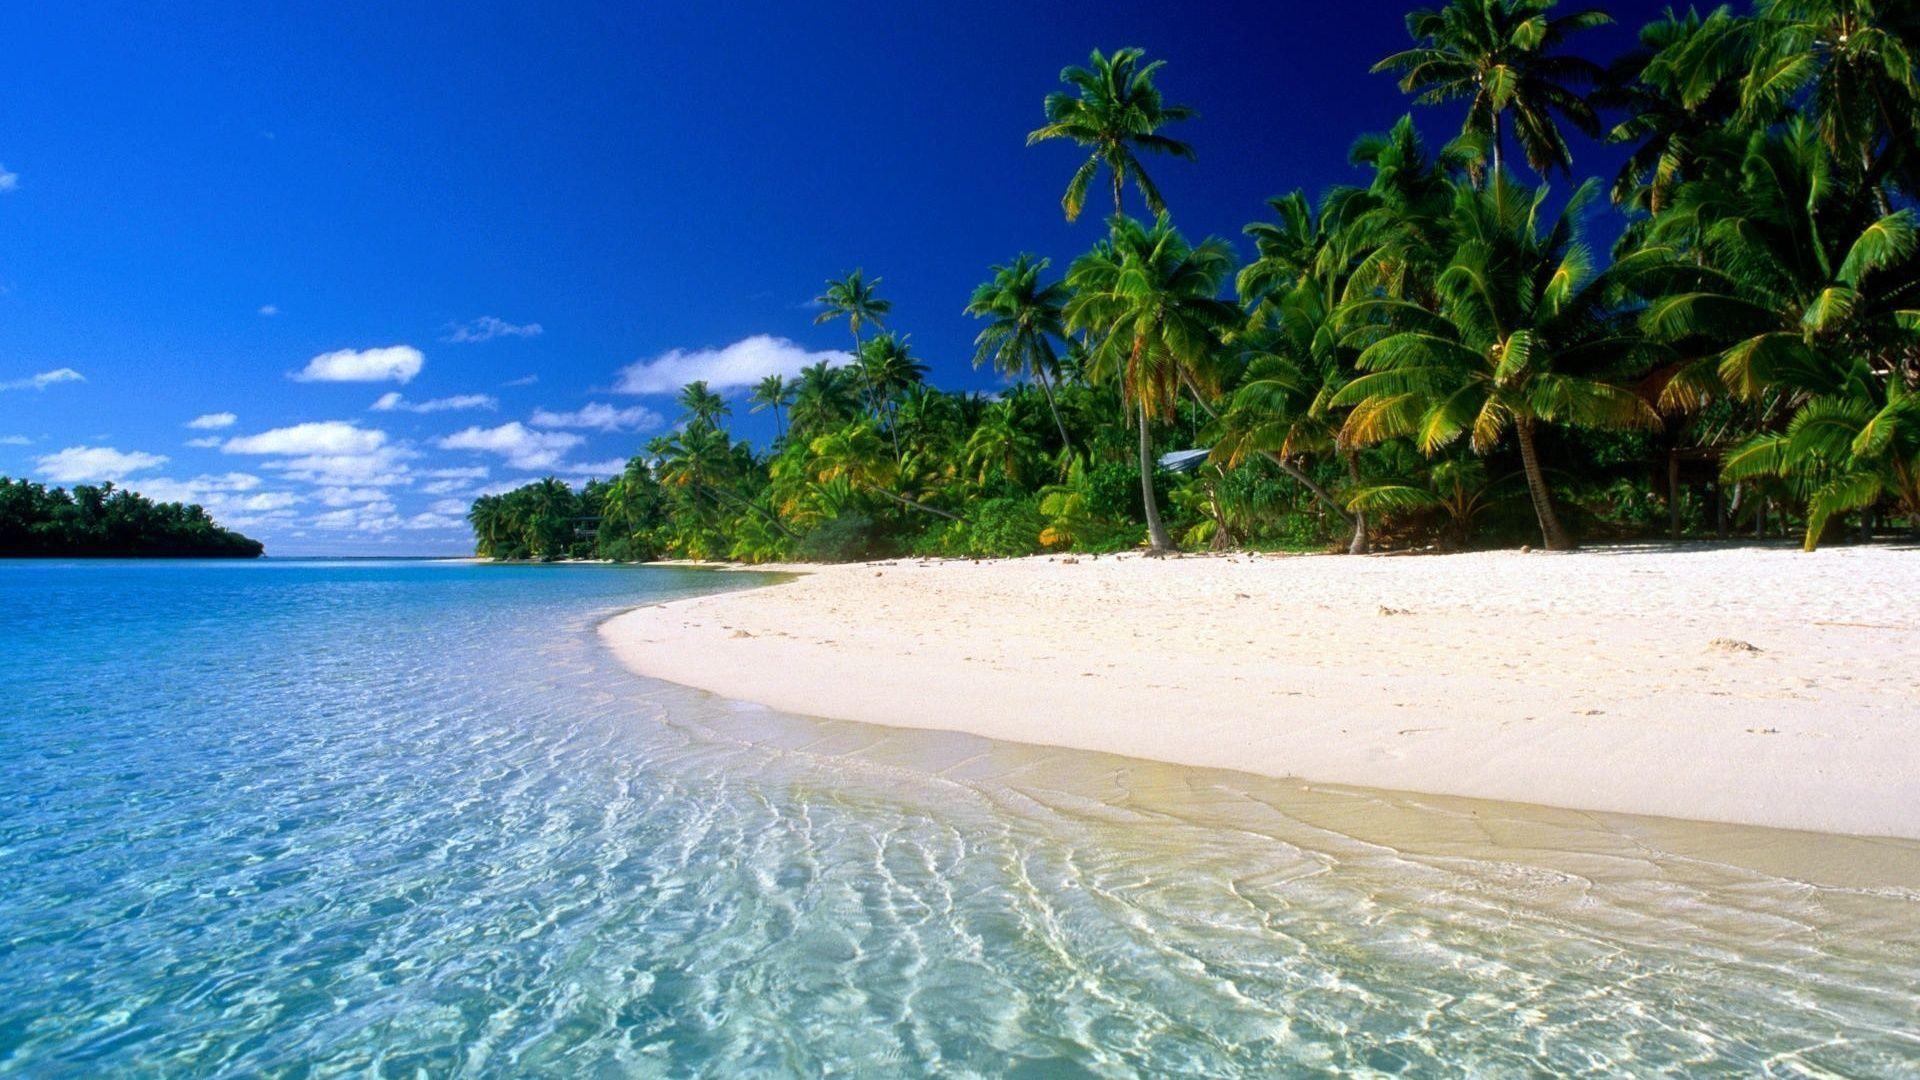 1080p Beaches Hd Wallpapers Desktop Backgrounds Beautiful Hd Wall Most Beautiful Beaches Beautiful Beaches Island Wallpaper